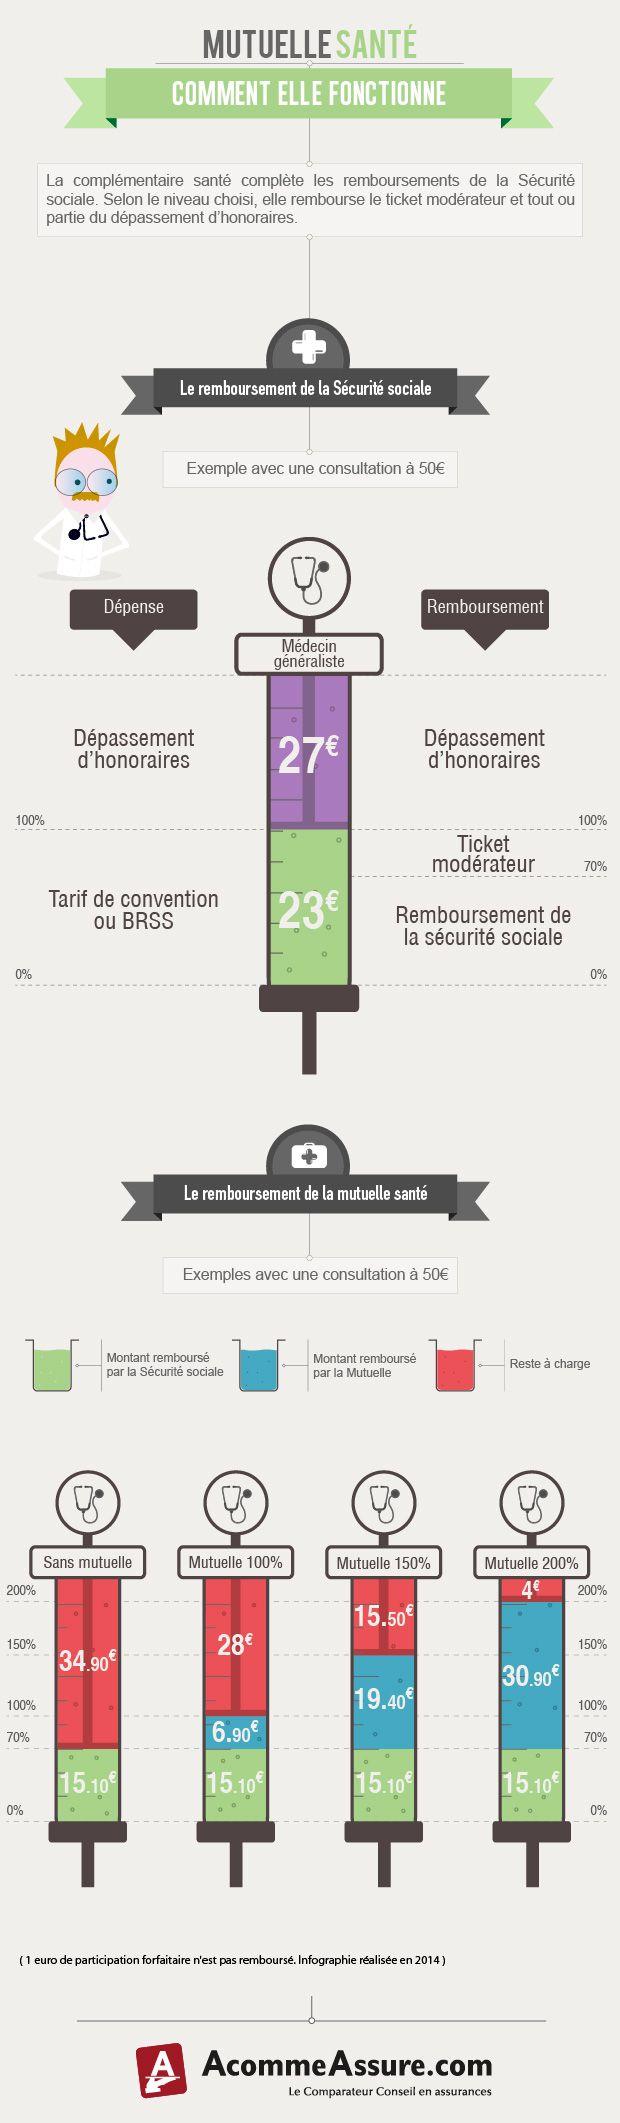 Infographie : Fonctionnement de ma mutuelle.